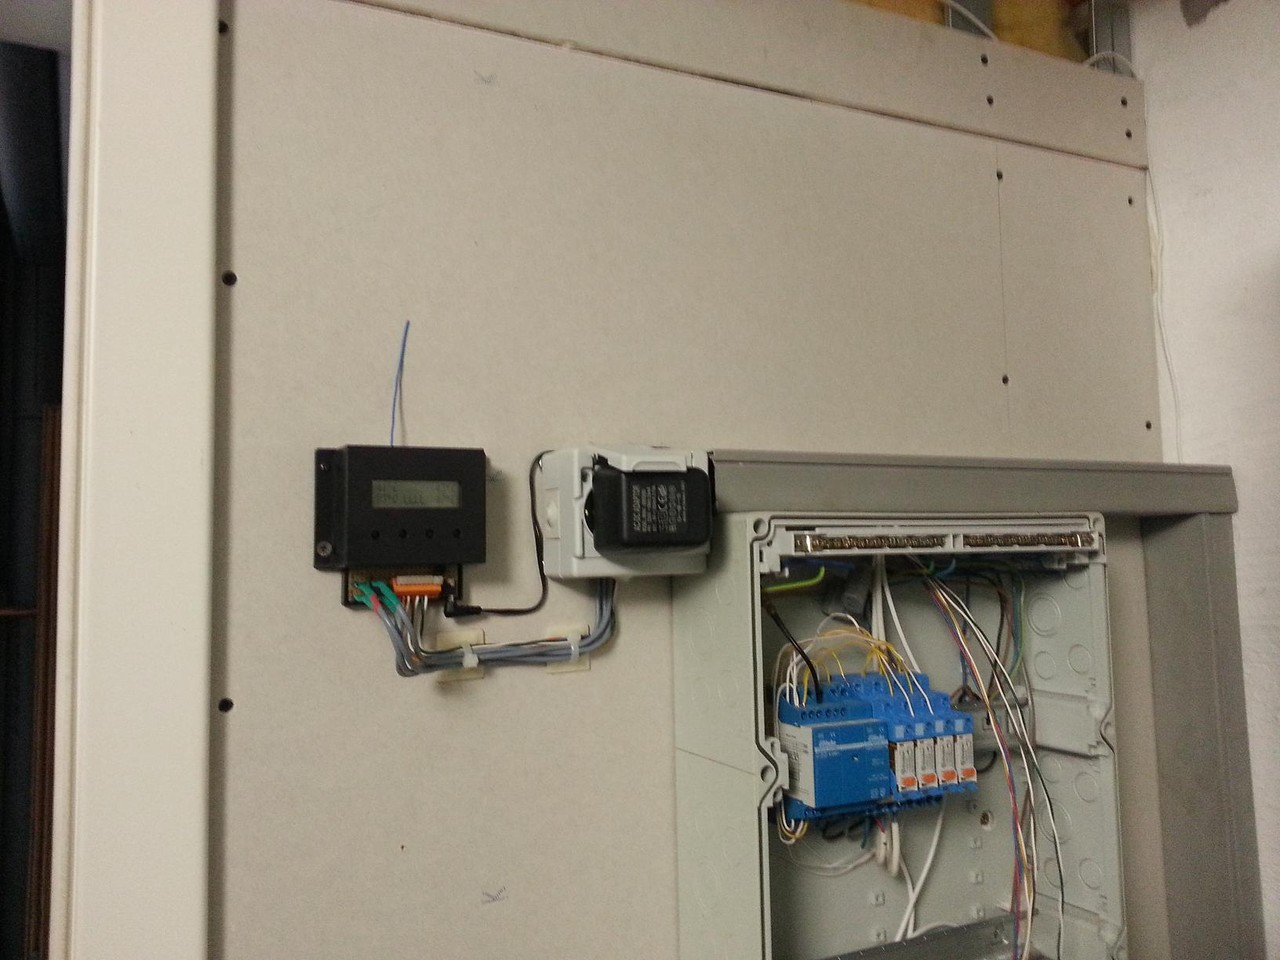 Installiertes Enocean UniModul in einer Solarheizung